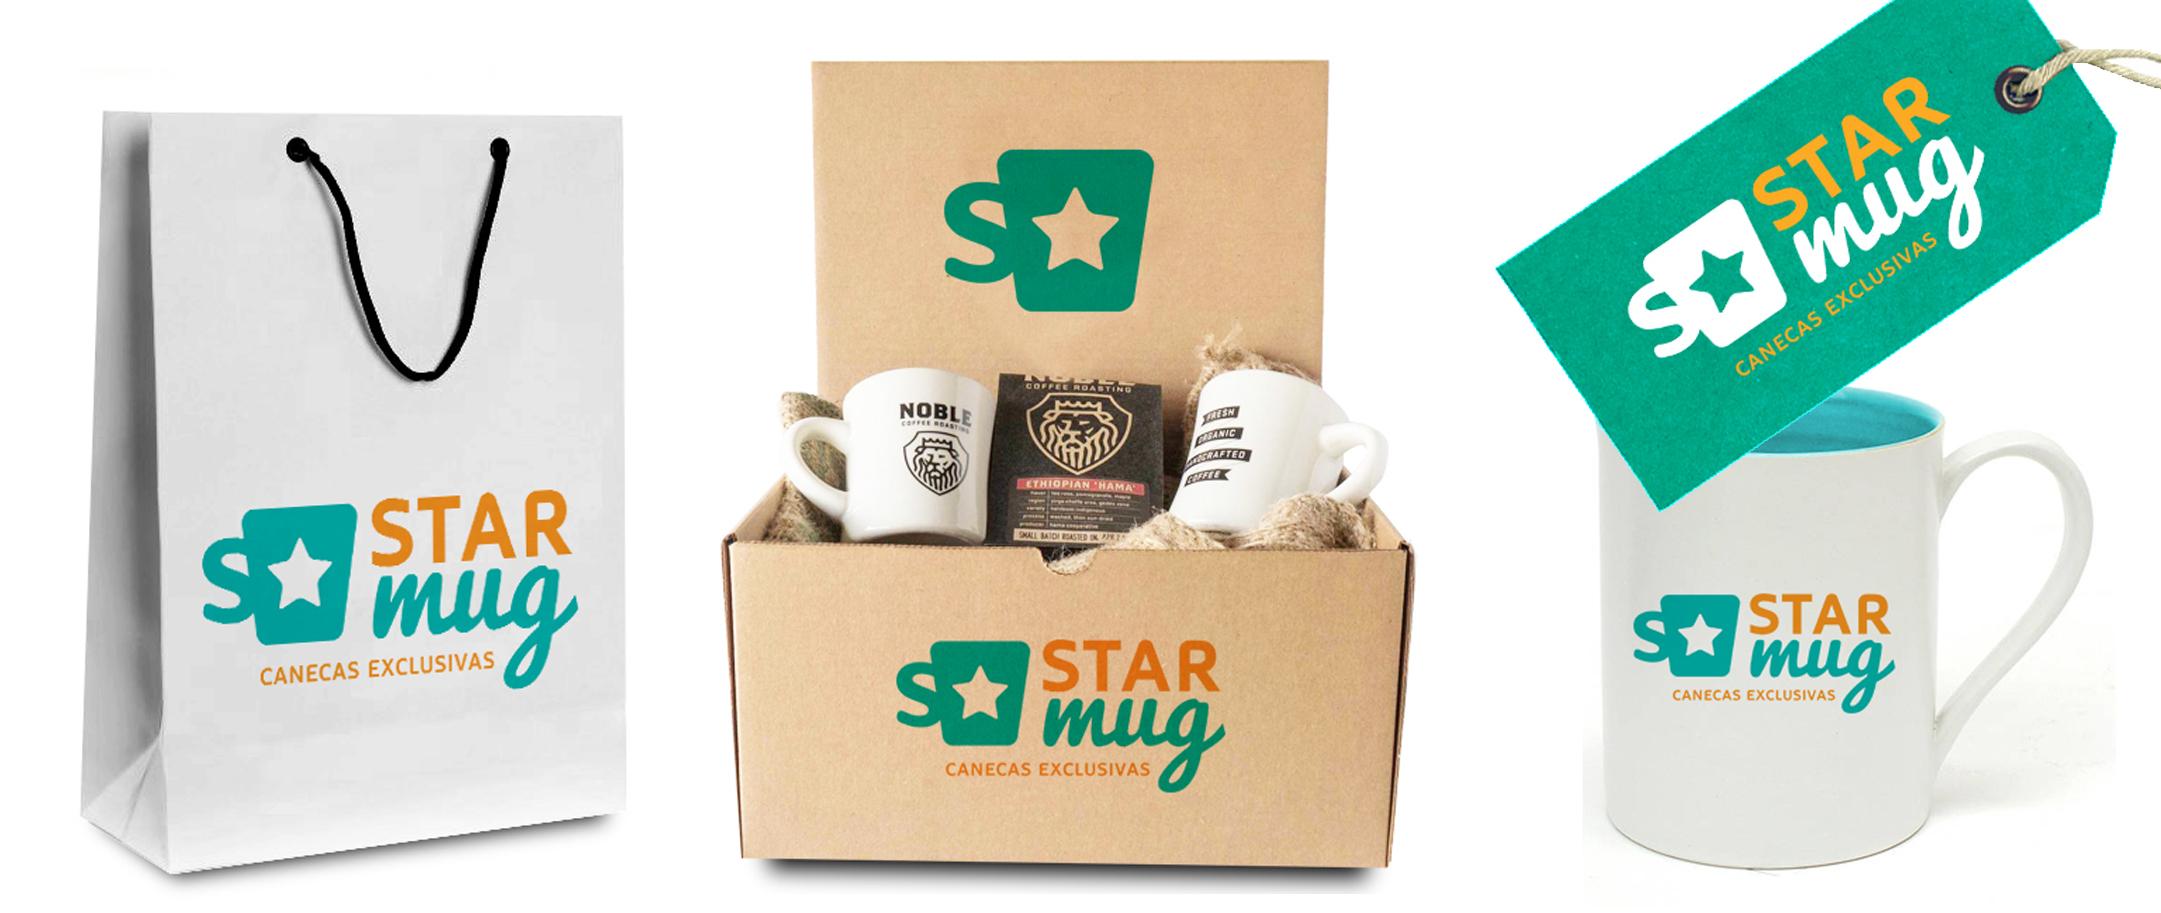 criacao-logotipo-empresa-brindes